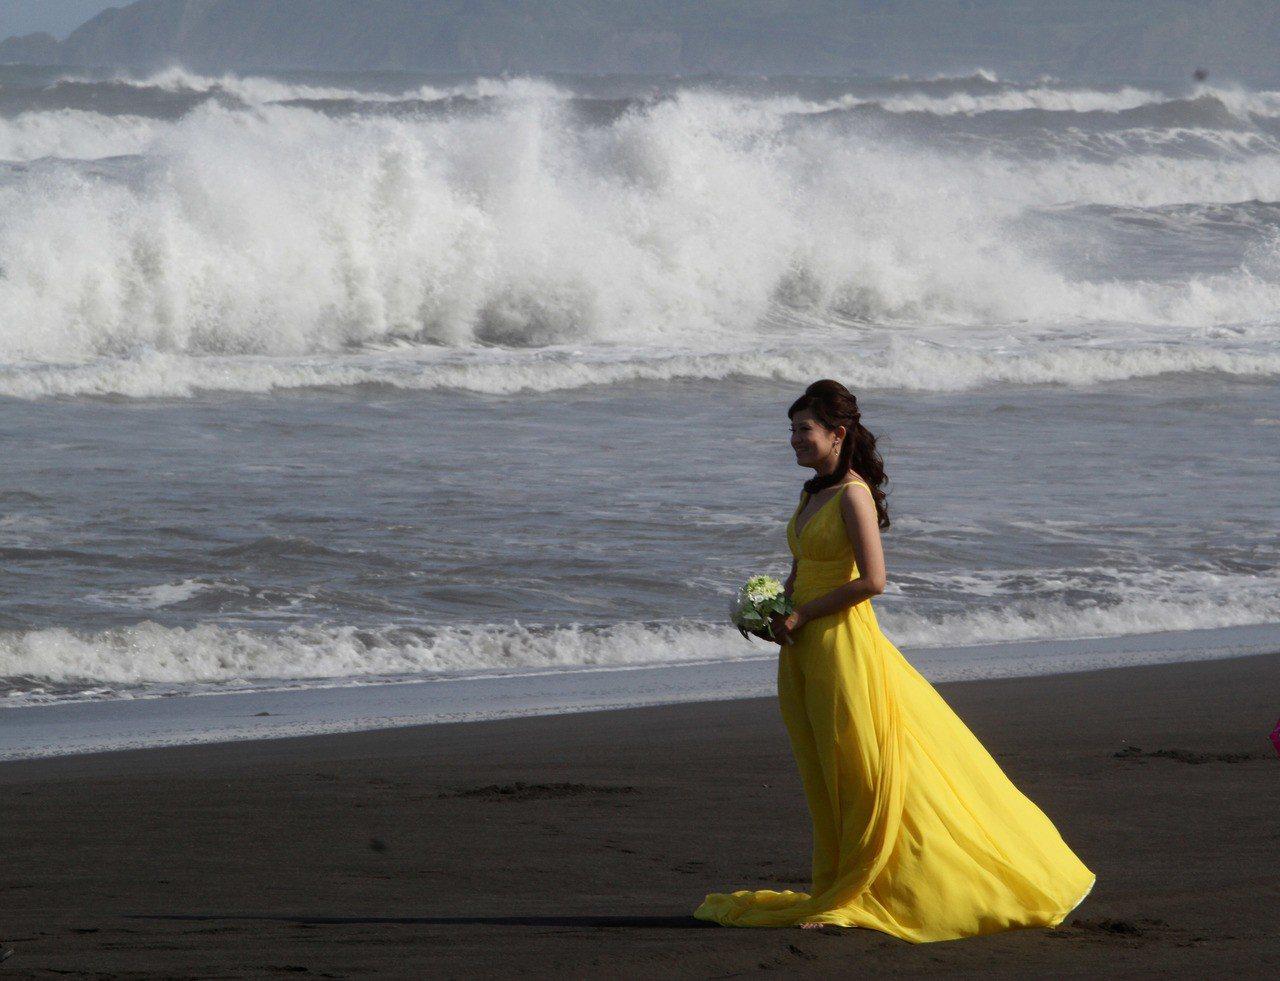 2012年中颱「天秤」來勢洶洶,宜蘭縣海邊出現長浪,卻仍有新人冒險到海邊拍結婚照...